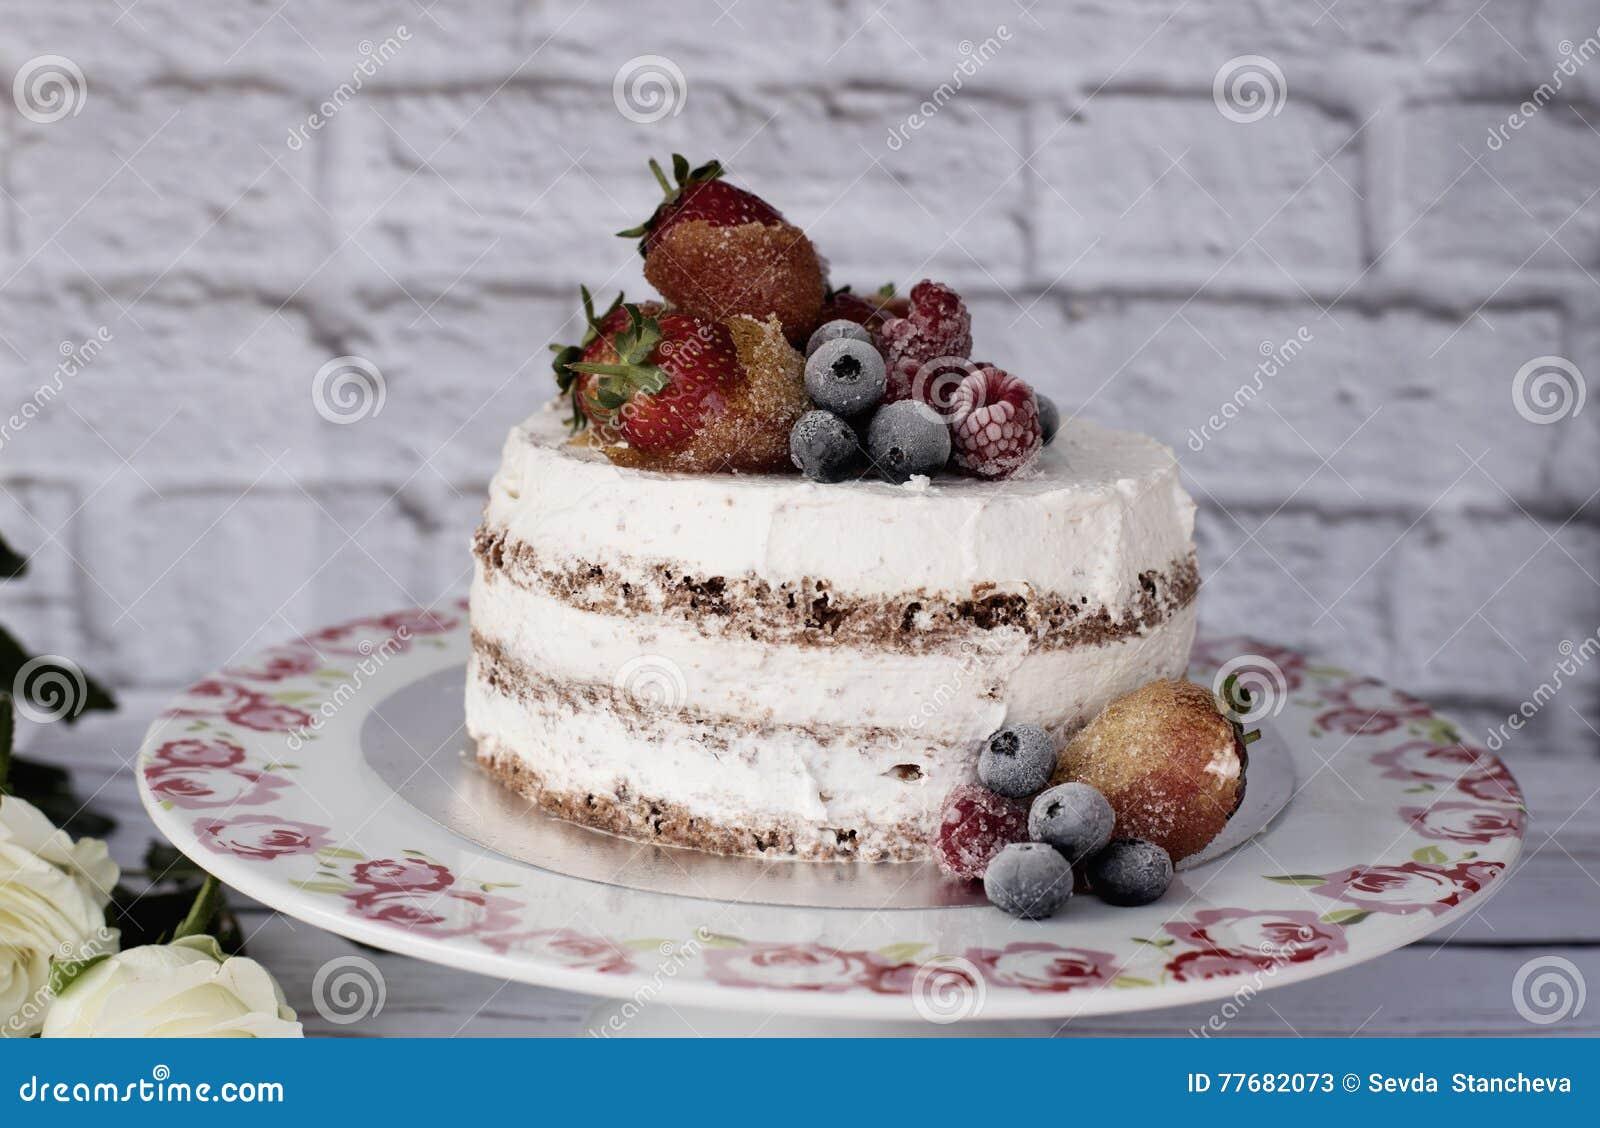 nackter kuchen mit karamellisierten fr chten erdbeeren blaubeeren himbeeren. Black Bedroom Furniture Sets. Home Design Ideas